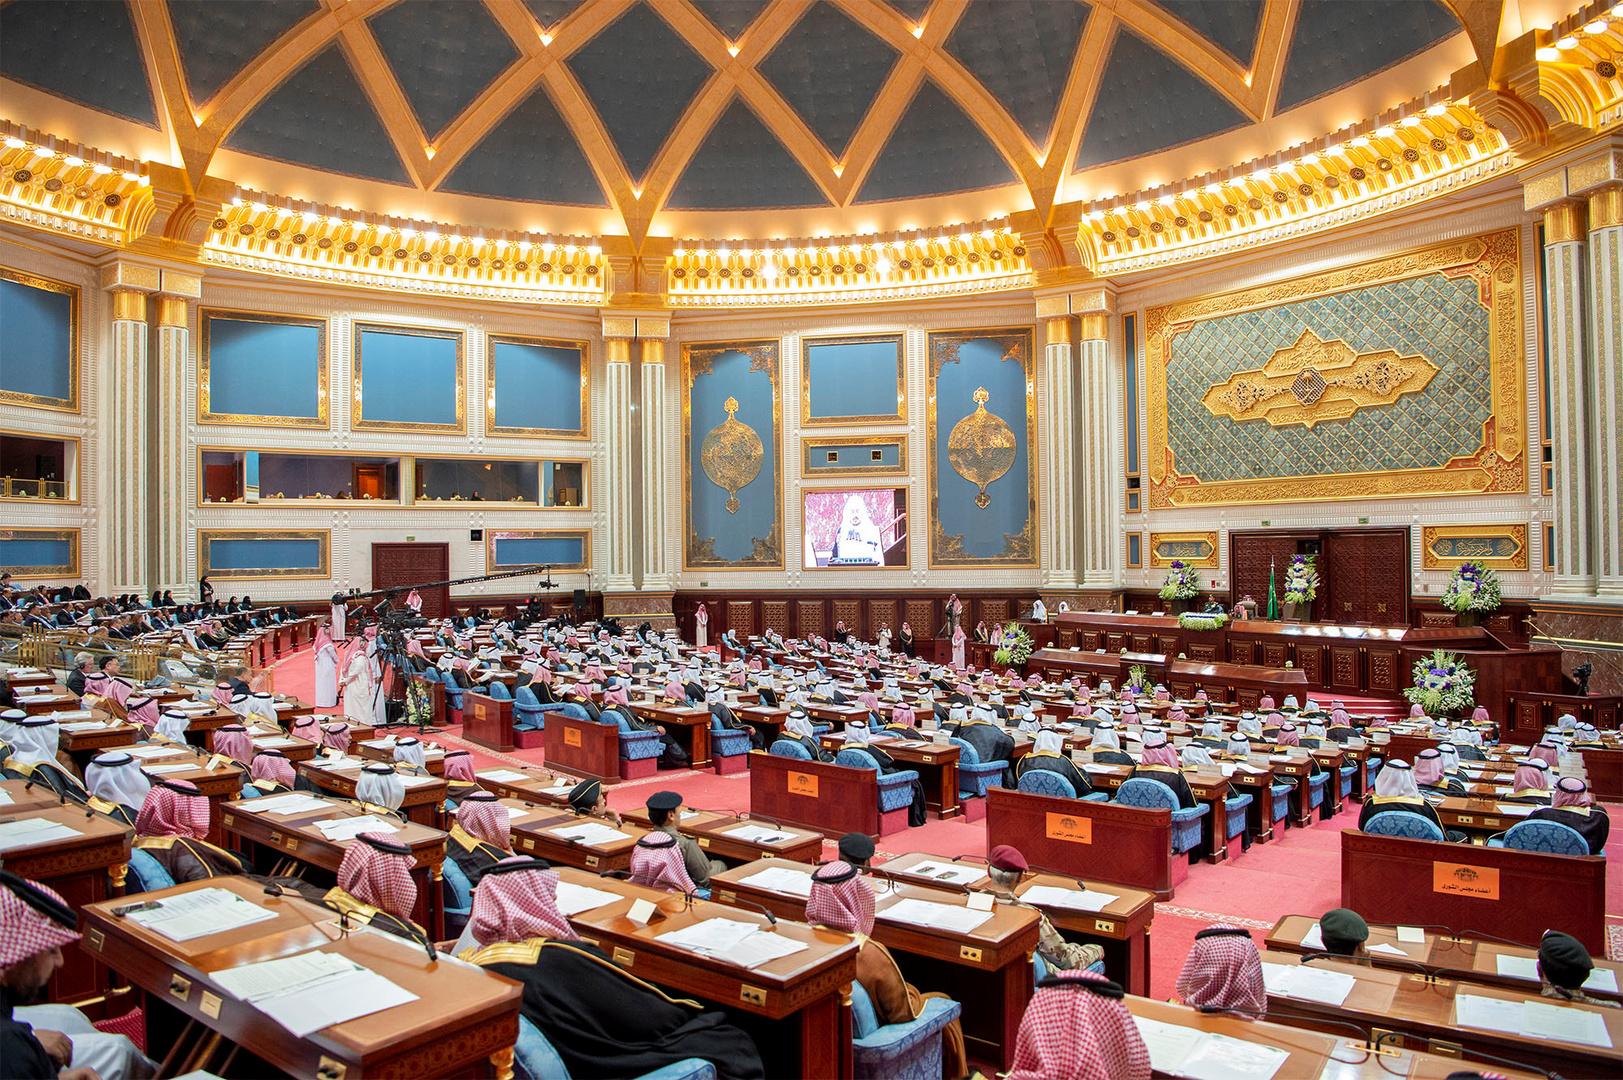 الملك سلمان يصدر أوامر بتكوين مجلس الشورى